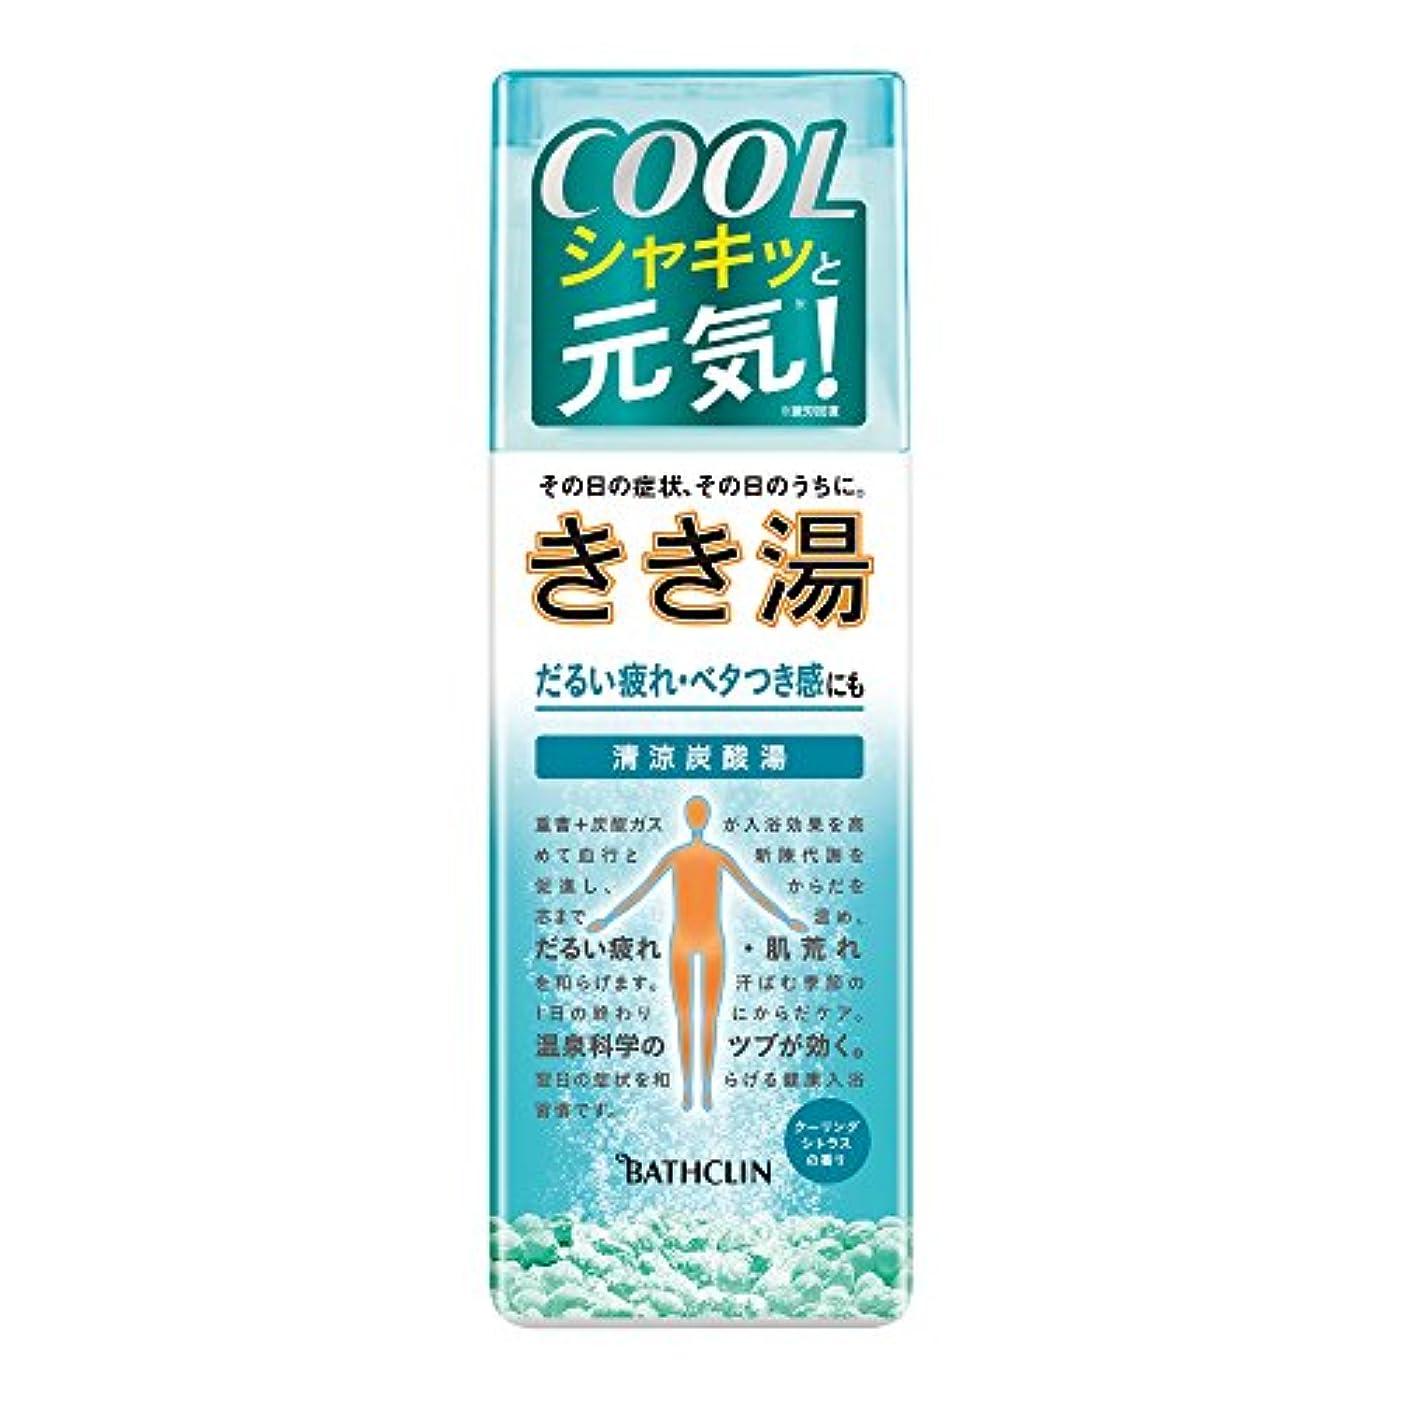 下位署名雄弁な【医薬部外品】きき湯清涼炭酸湯クーリングシトラスの香り360gスカイブルーの湯透明タイプ入浴剤